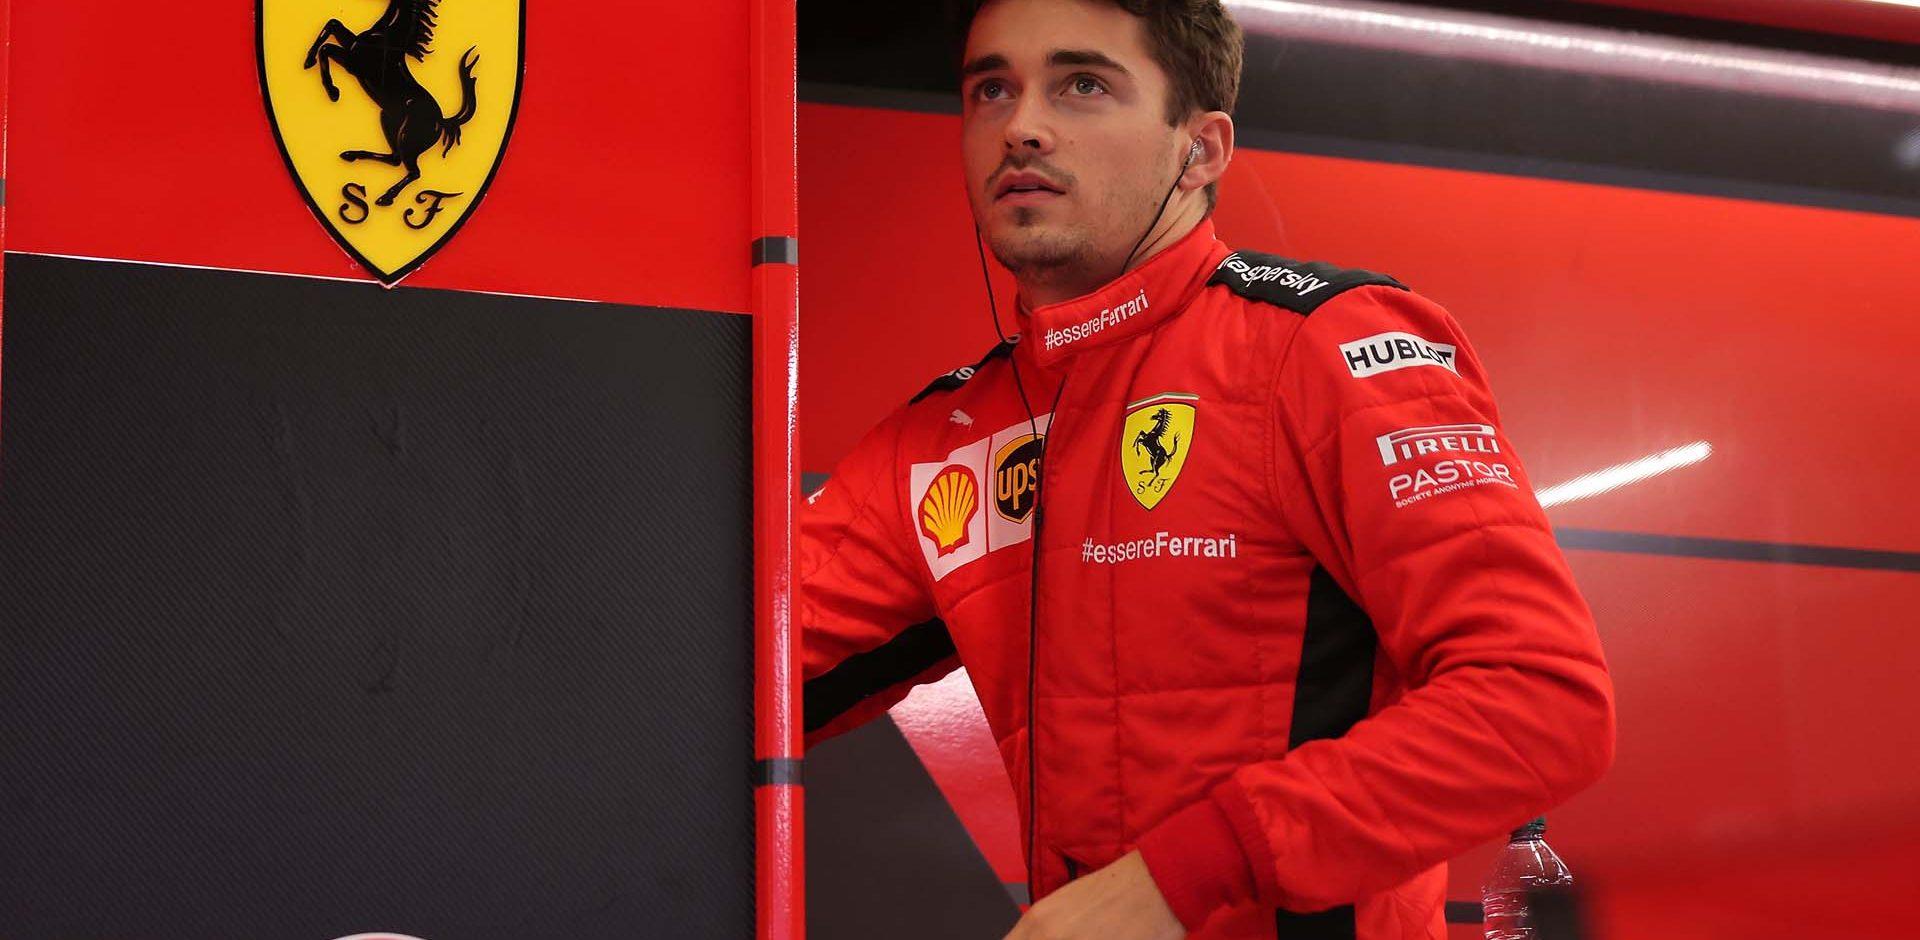 GP TURCHIA  F1/2020 -  SABATO 14/11/2020    credit: @Scuderia Ferrari Press Office Charles Leclerc